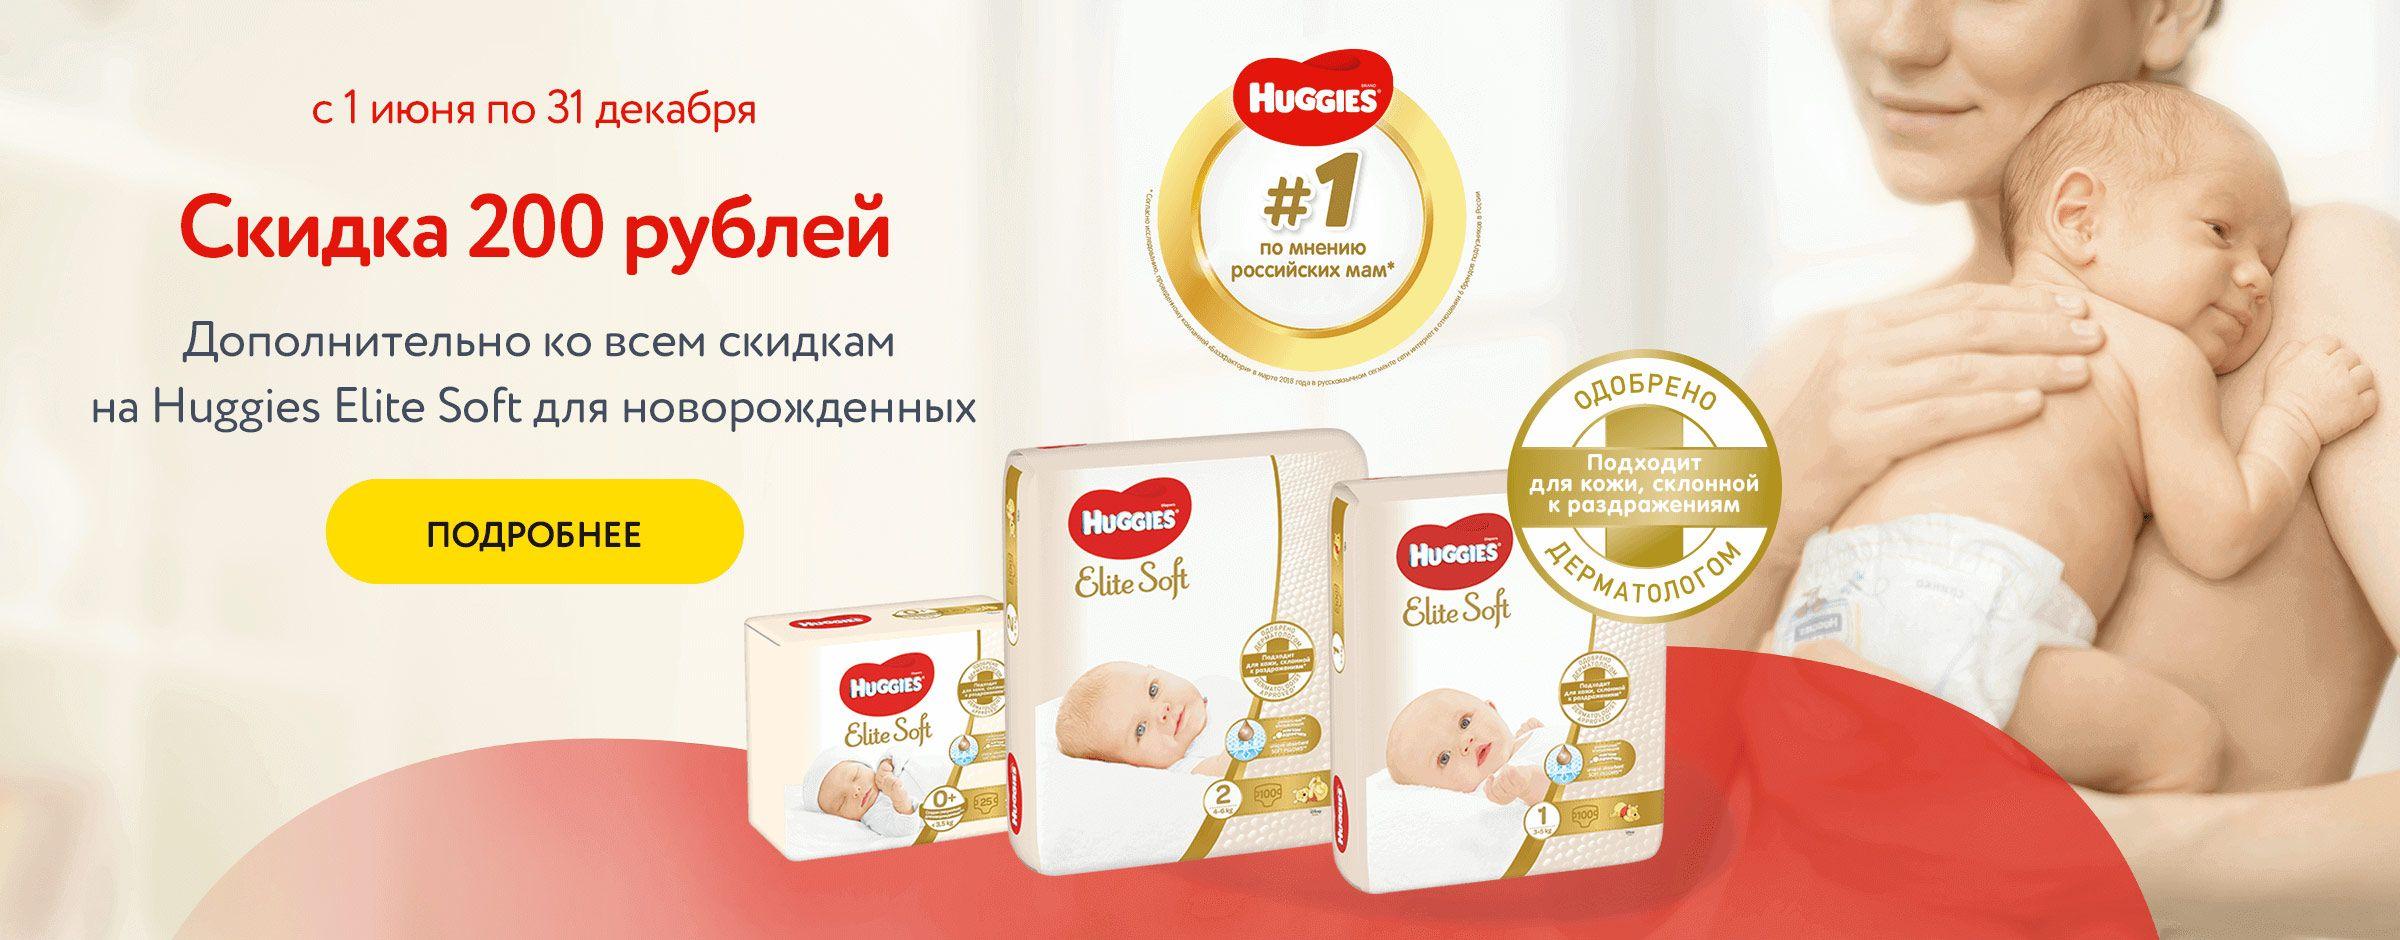 Huggies EPOME Комплекты для новорожденных